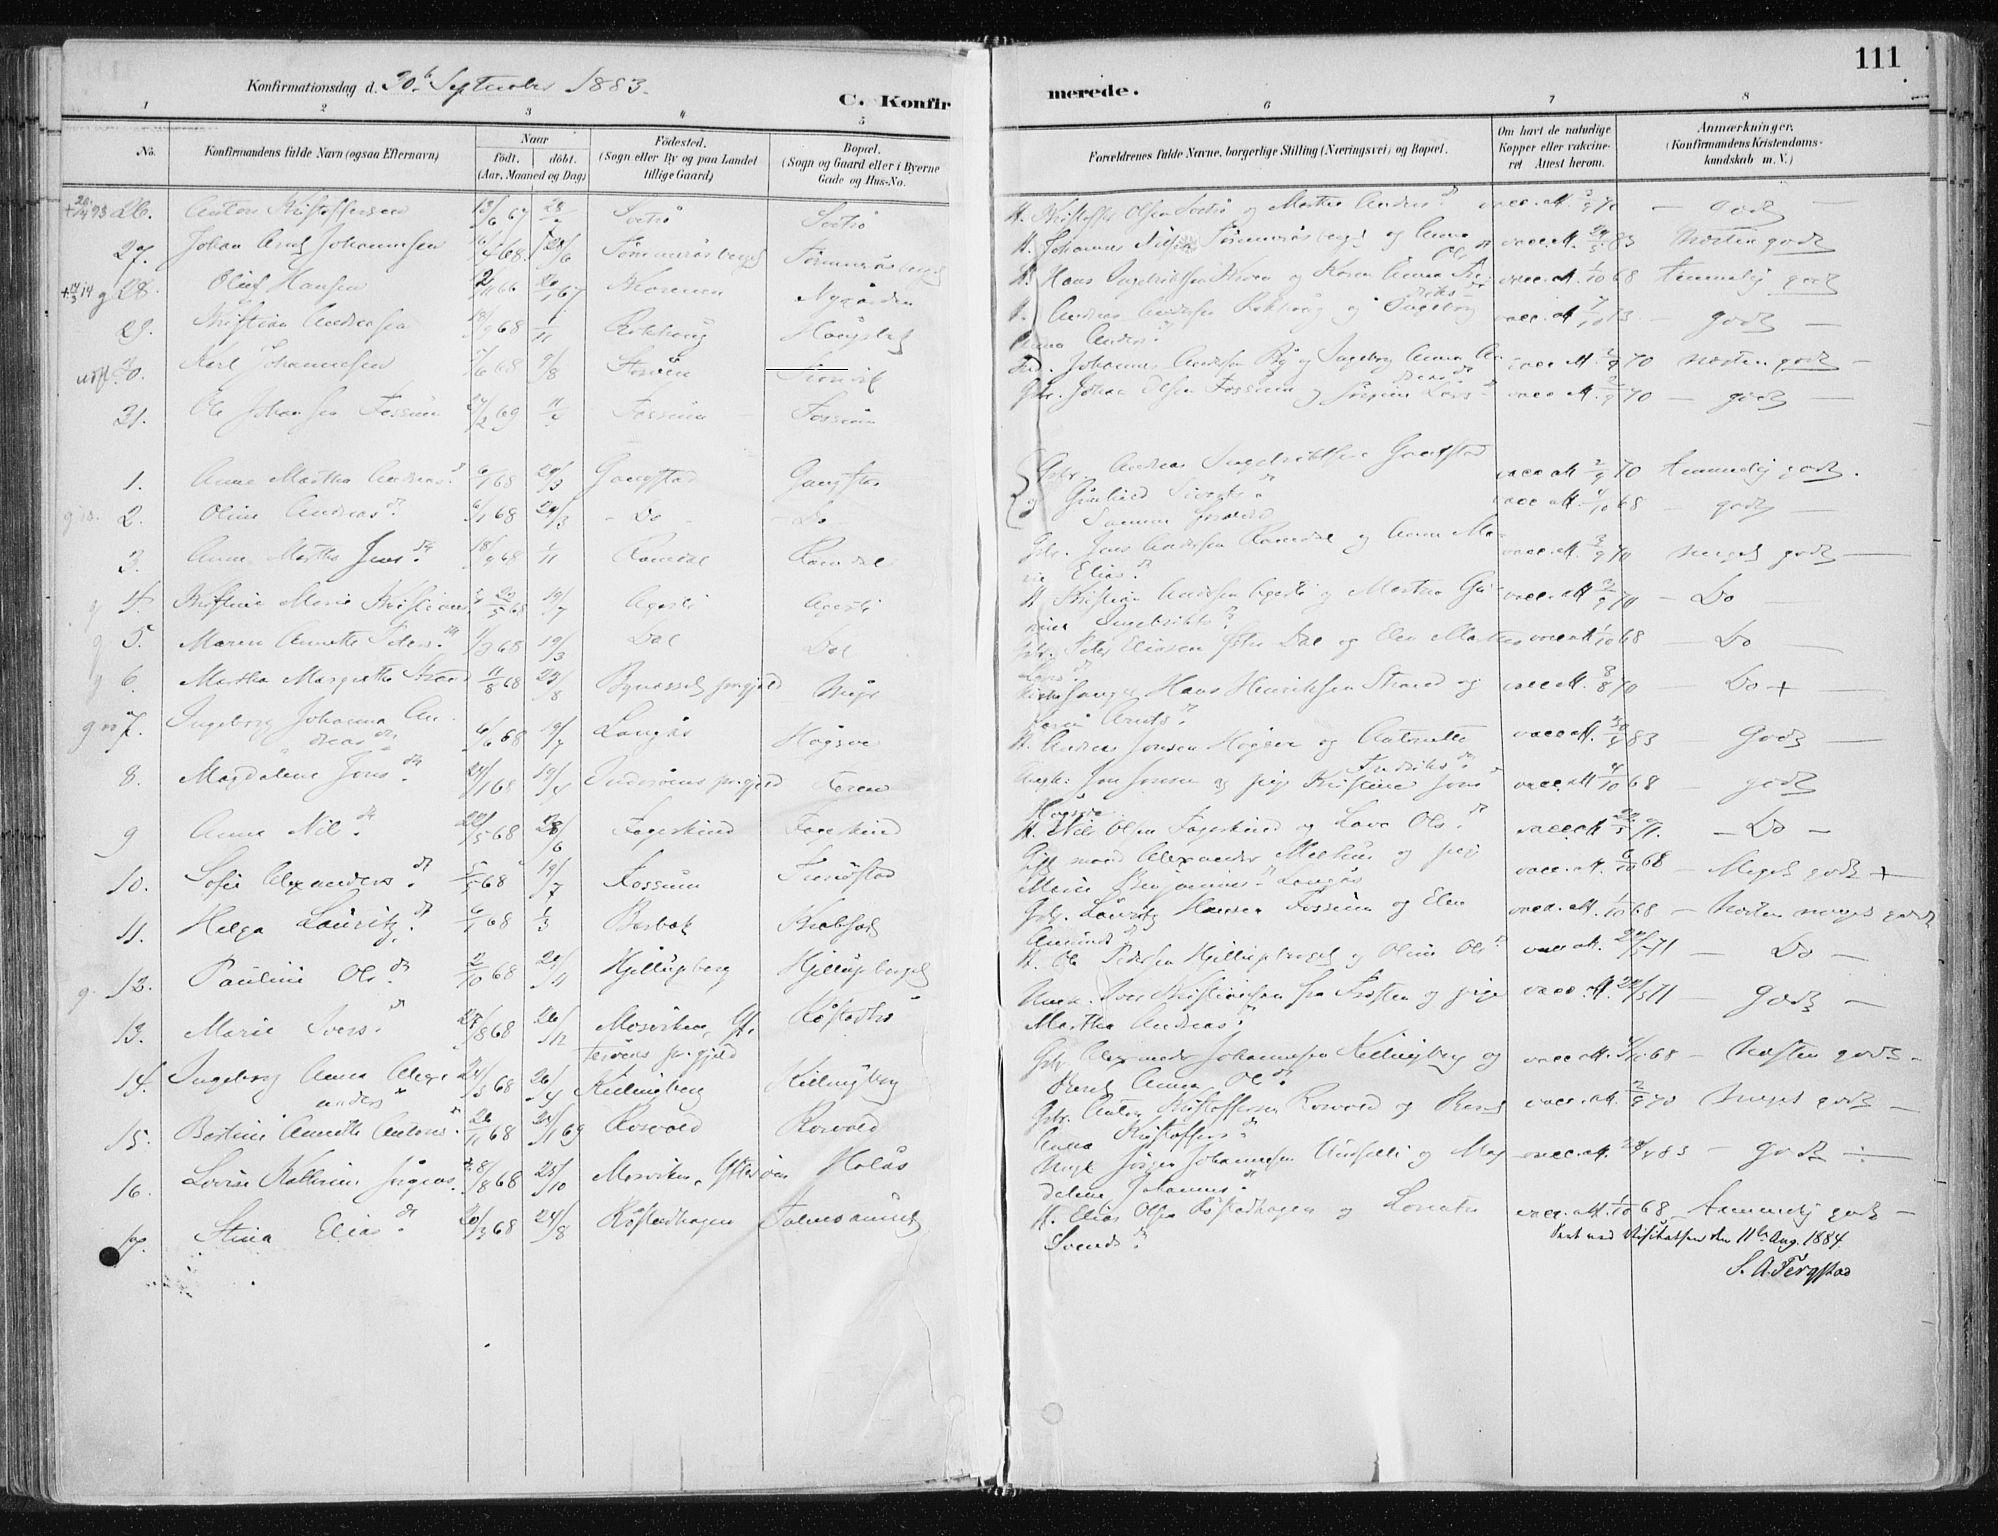 SAT, Ministerialprotokoller, klokkerbøker og fødselsregistre - Nord-Trøndelag, 701/L0010: Parish register (official) no. 701A10, 1883-1899, p. 111